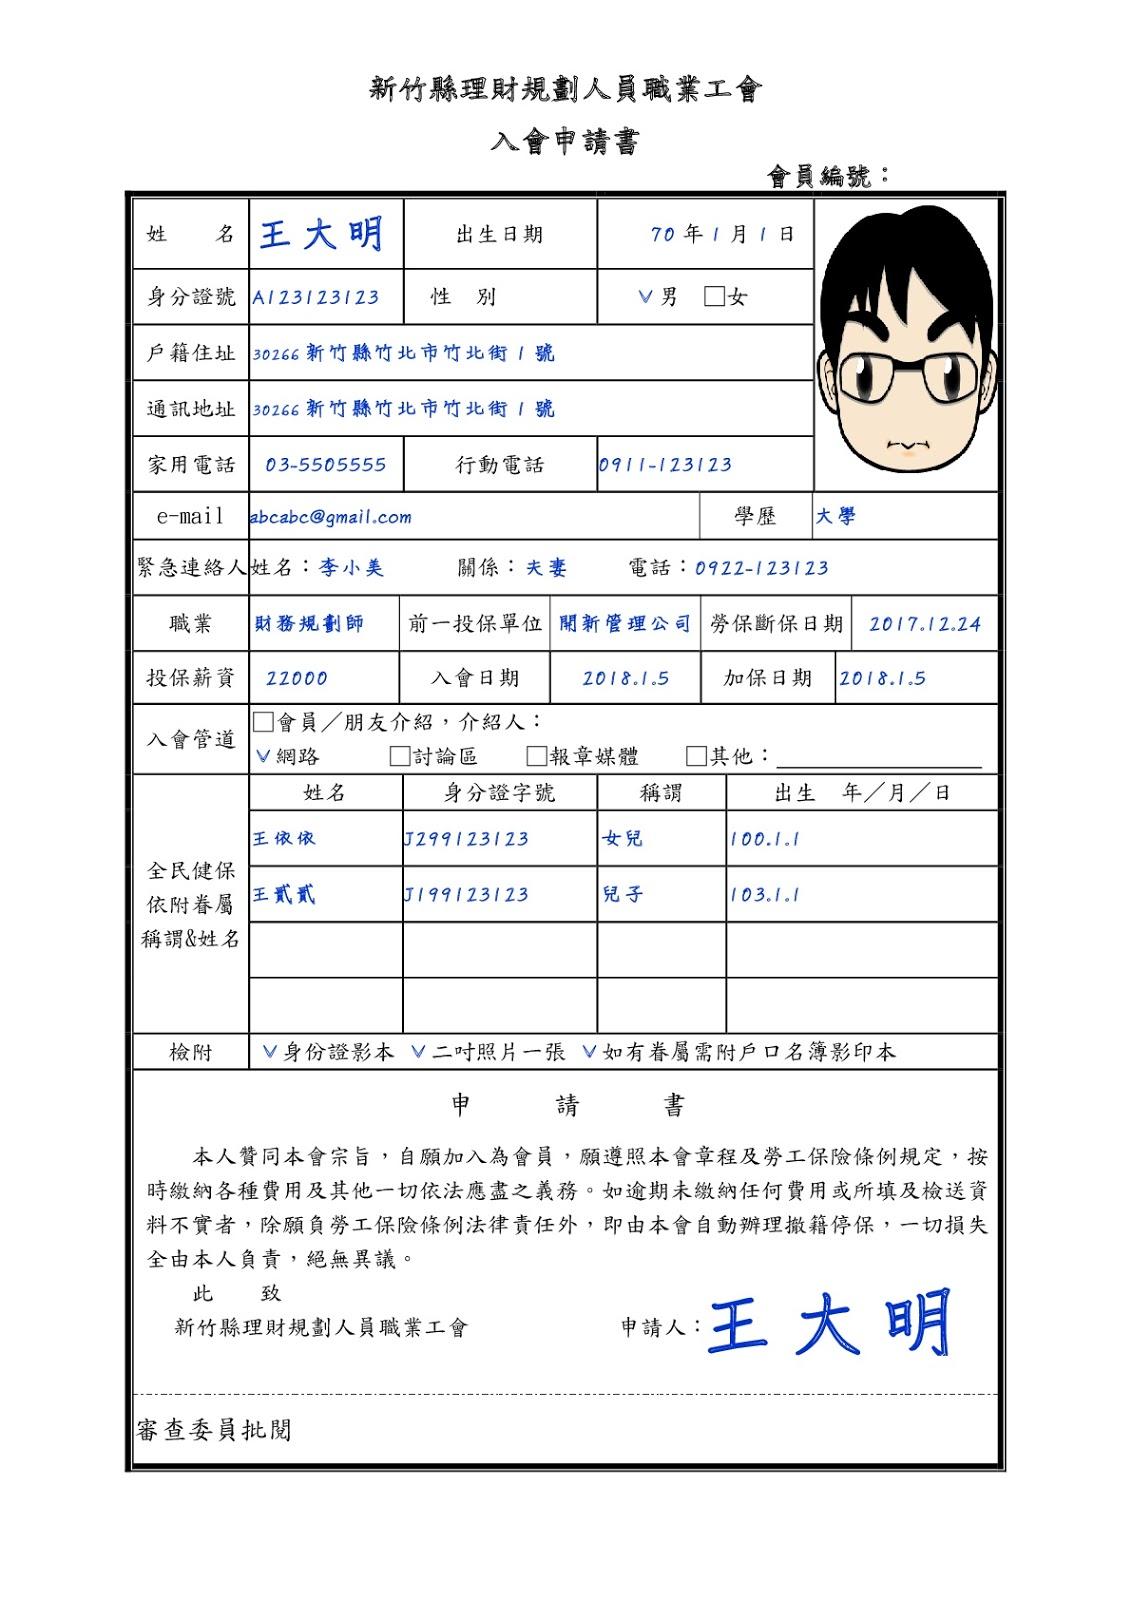 入會申請書範本 | 新竹縣理財規劃人員職業工會